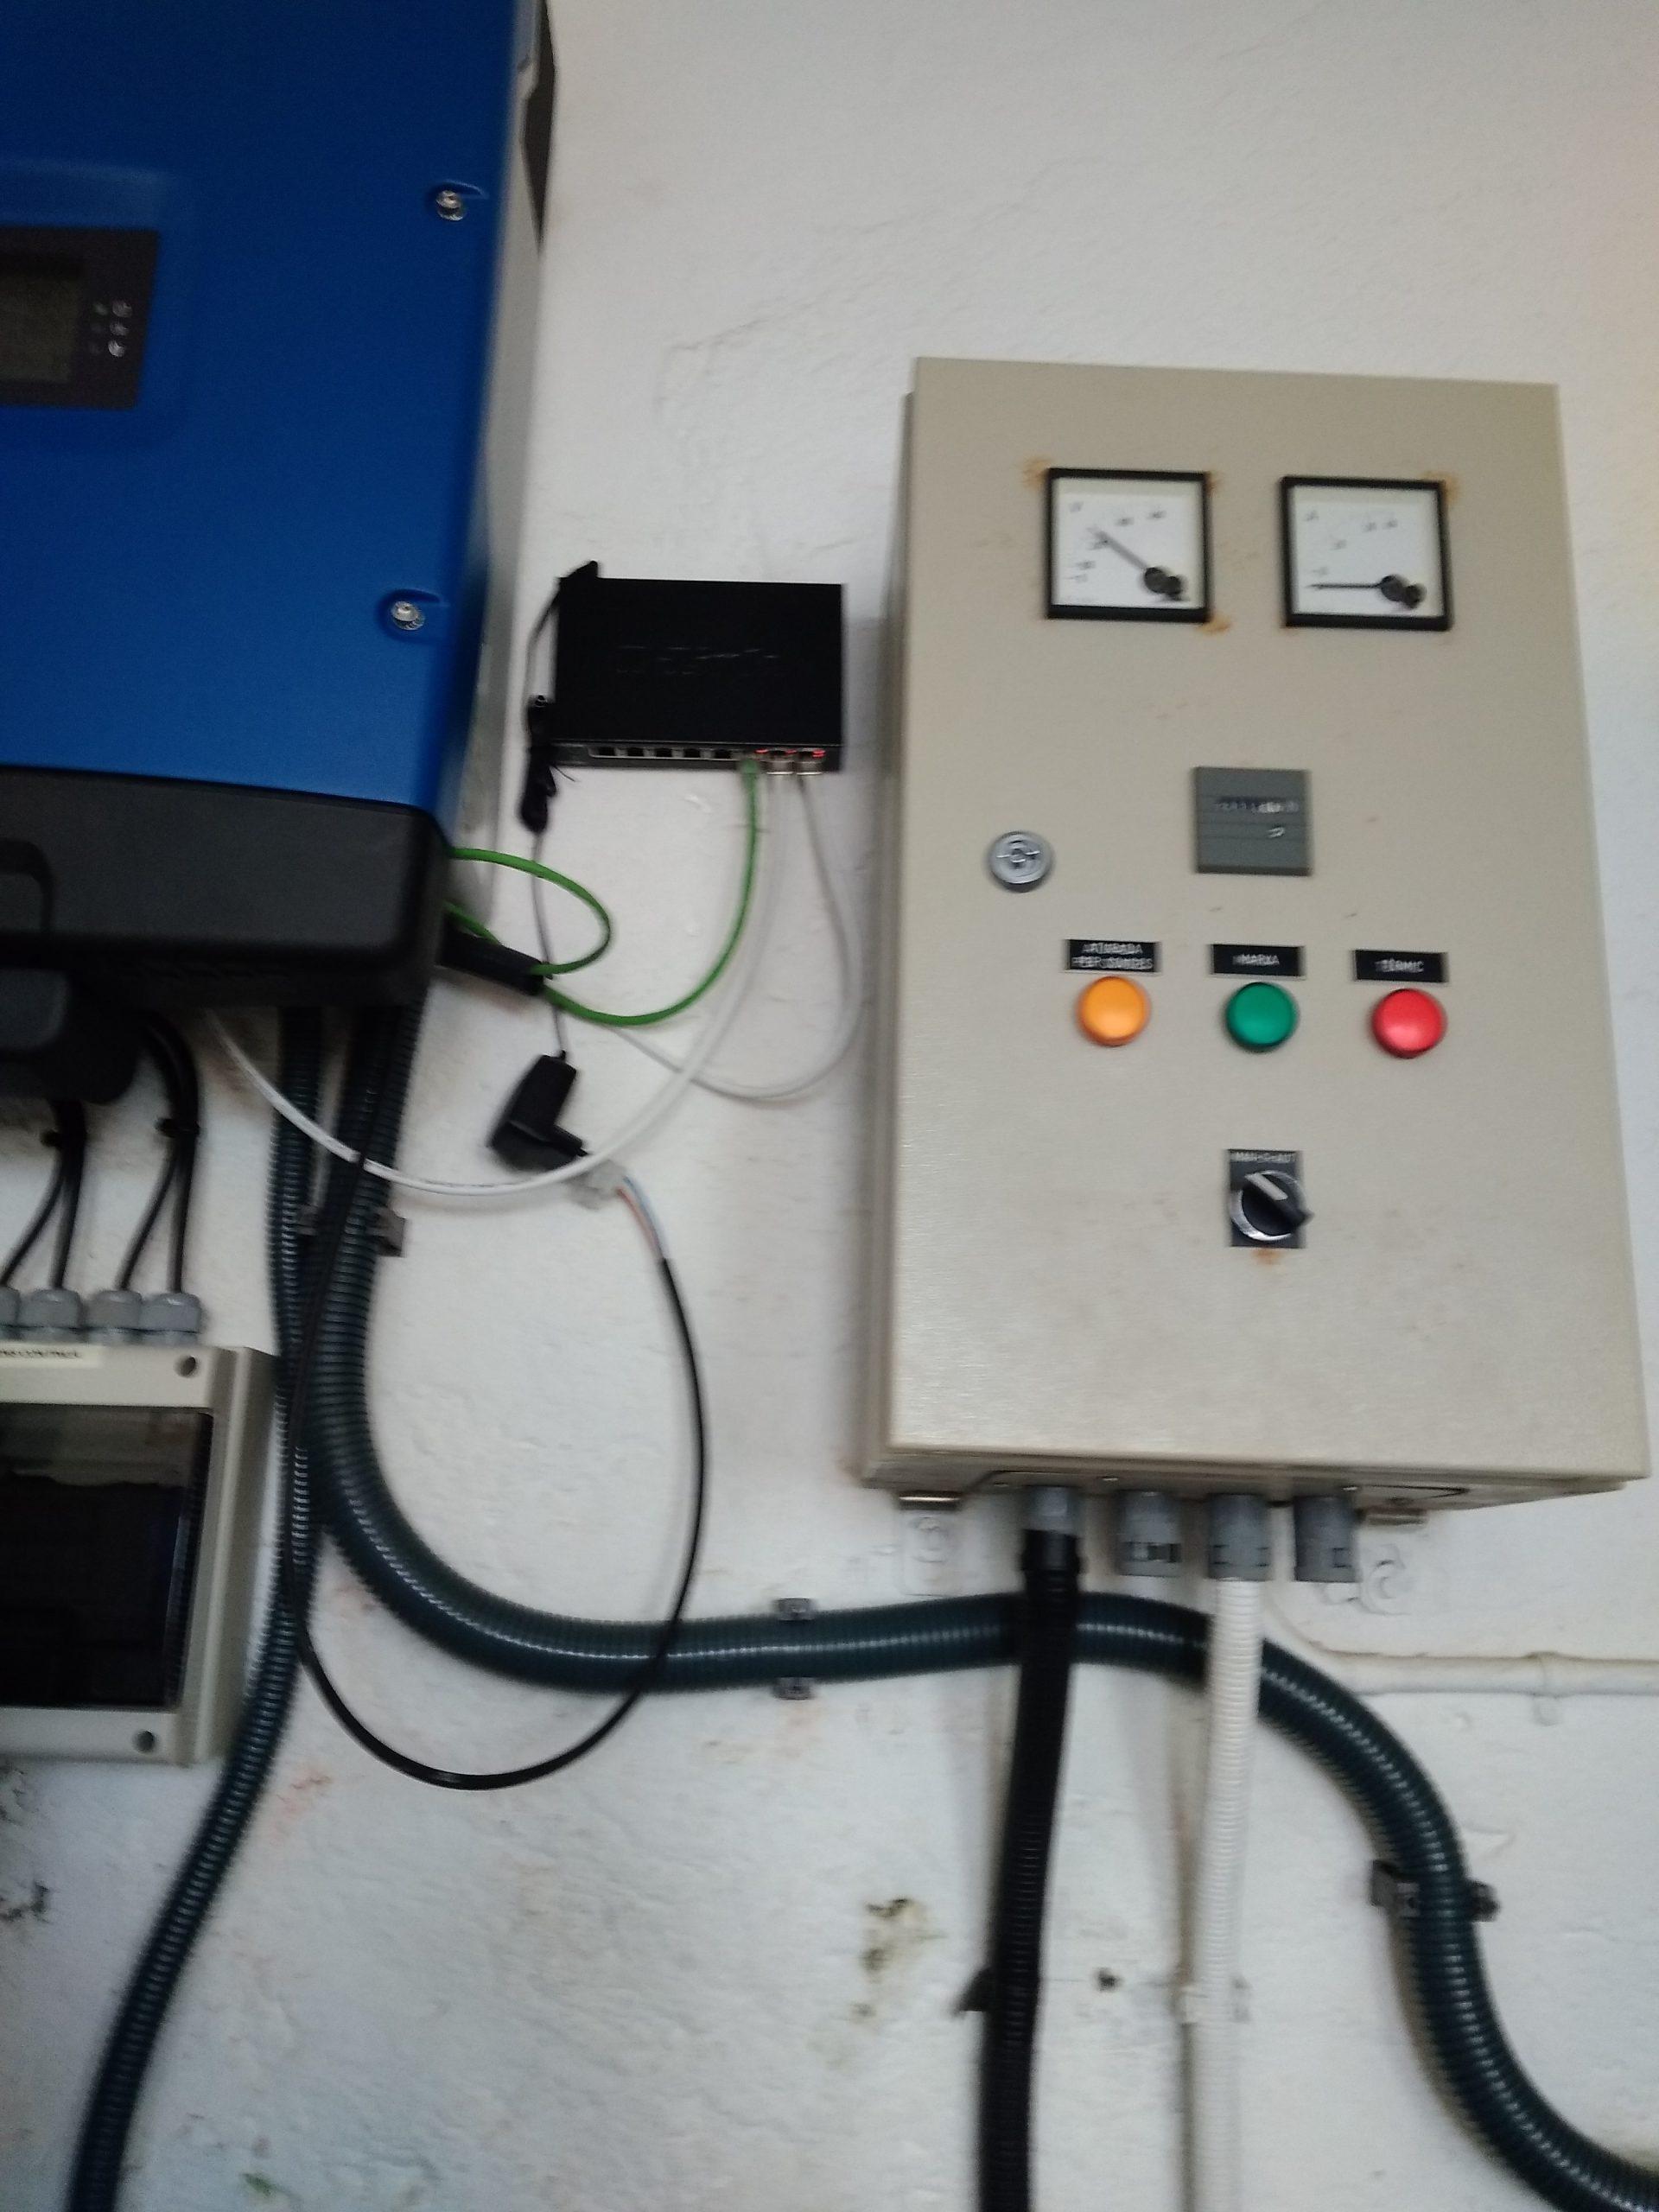 Inversor i sistema de monitorització connectat a comptador elèctric